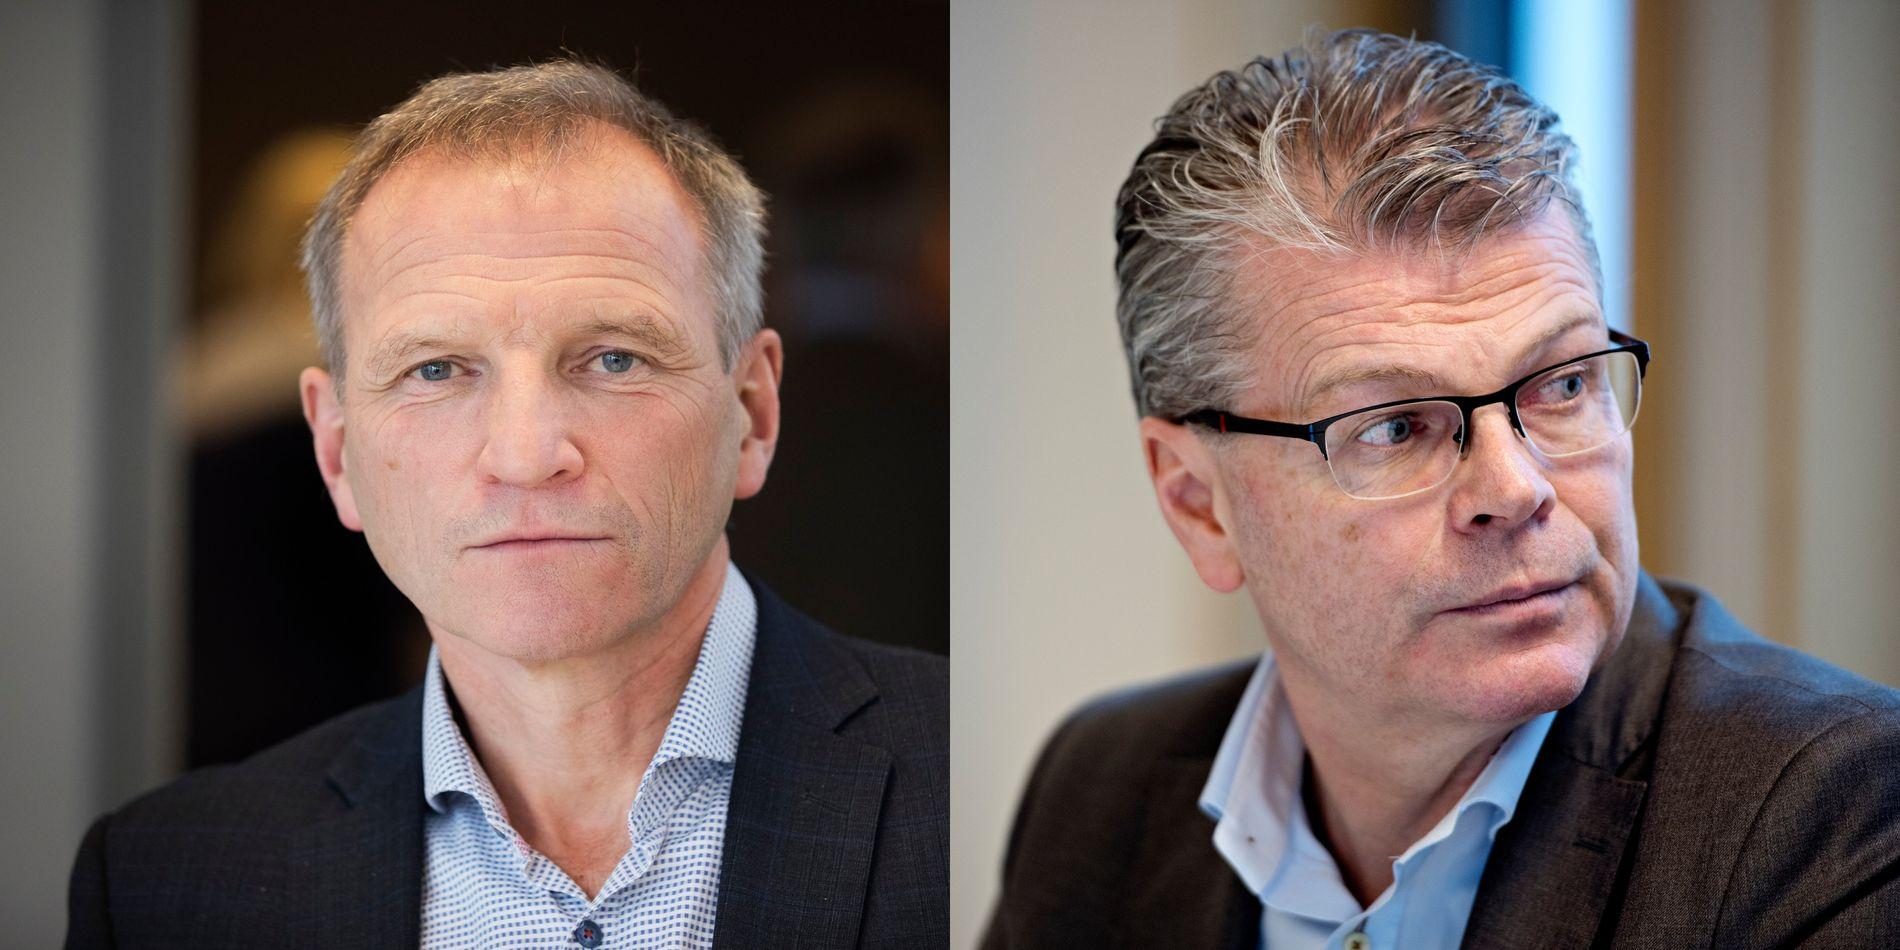 SVARAR BT-REDAKTØREN: Det er vårt ansvar å sørgje for at personopplysningar underlagt teieplikta ikkje blir formidla til norske redaksjonar, skriv Herlof Nilssen og Eivind Hansen.